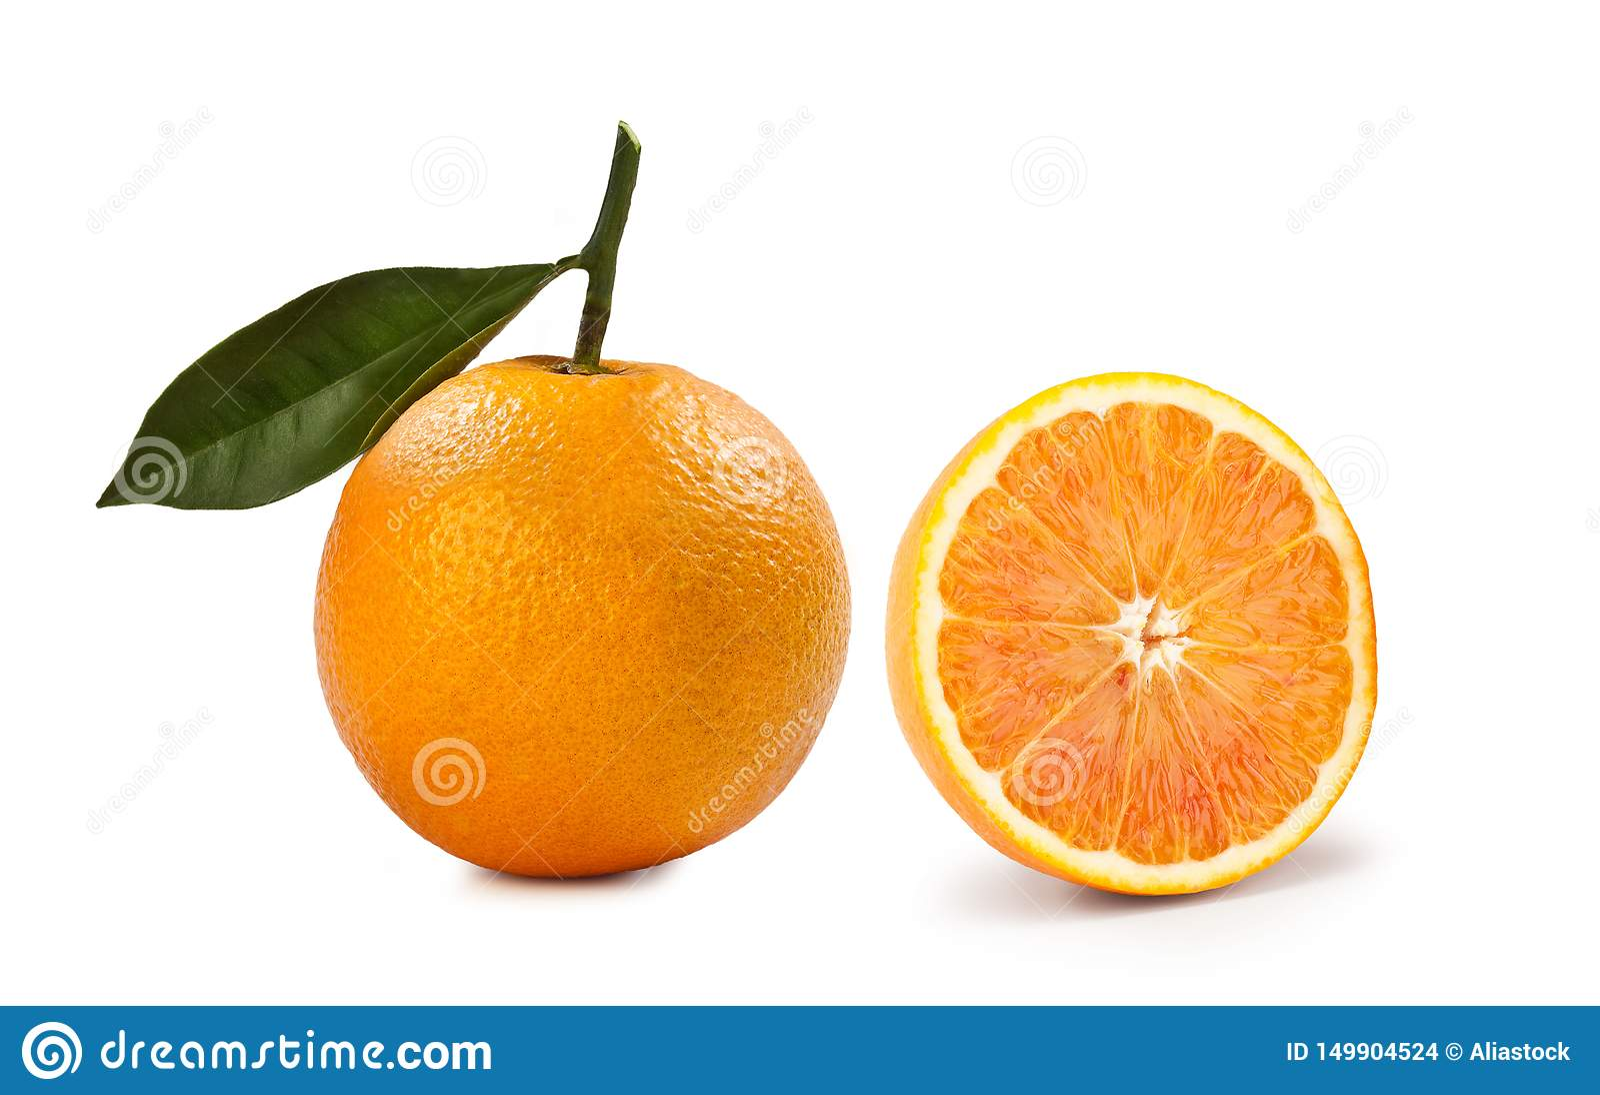 Blondesinaasappel – 'Arancia Bionda 'op Witte Achtergrond